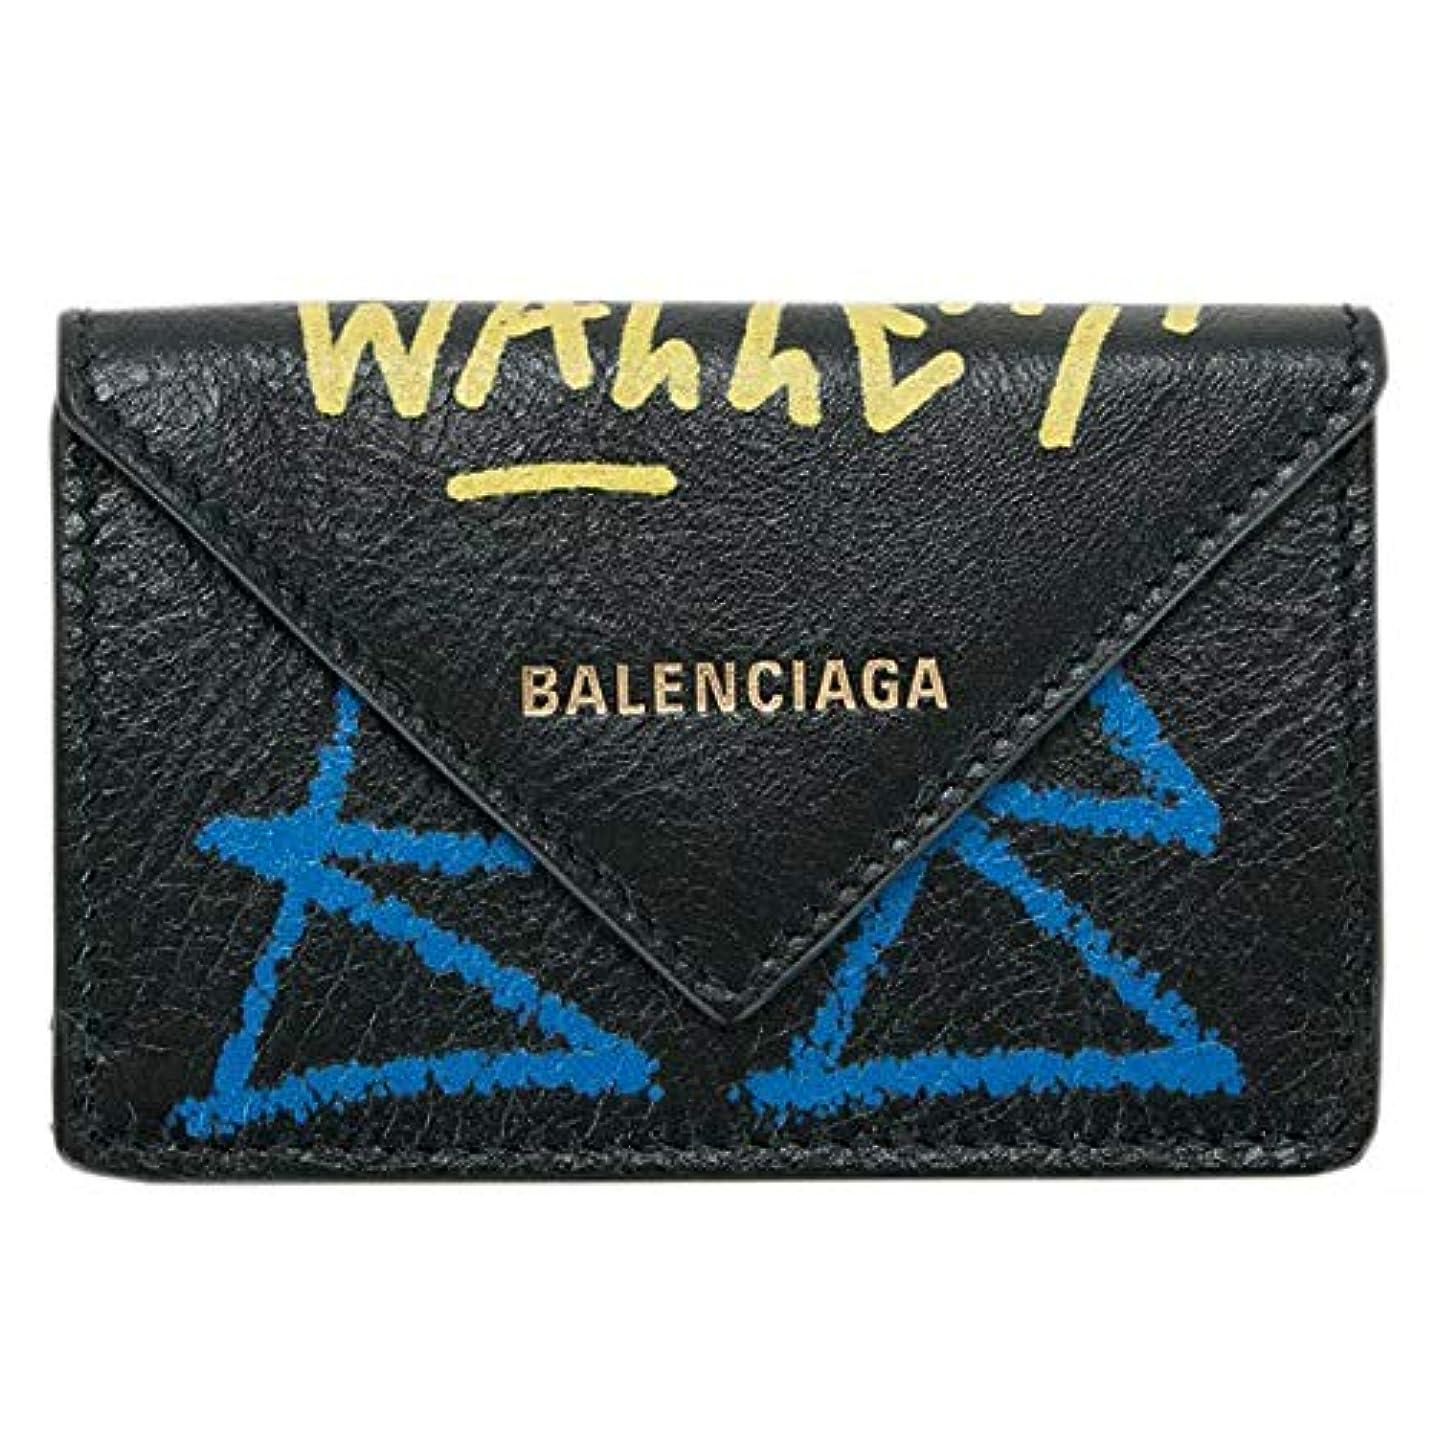 めったに国家リーズバレンシアガ BALENCIAGA レディース 財布 ミニ財布 三つ折り GRAFFITI 3914460FE0T1060